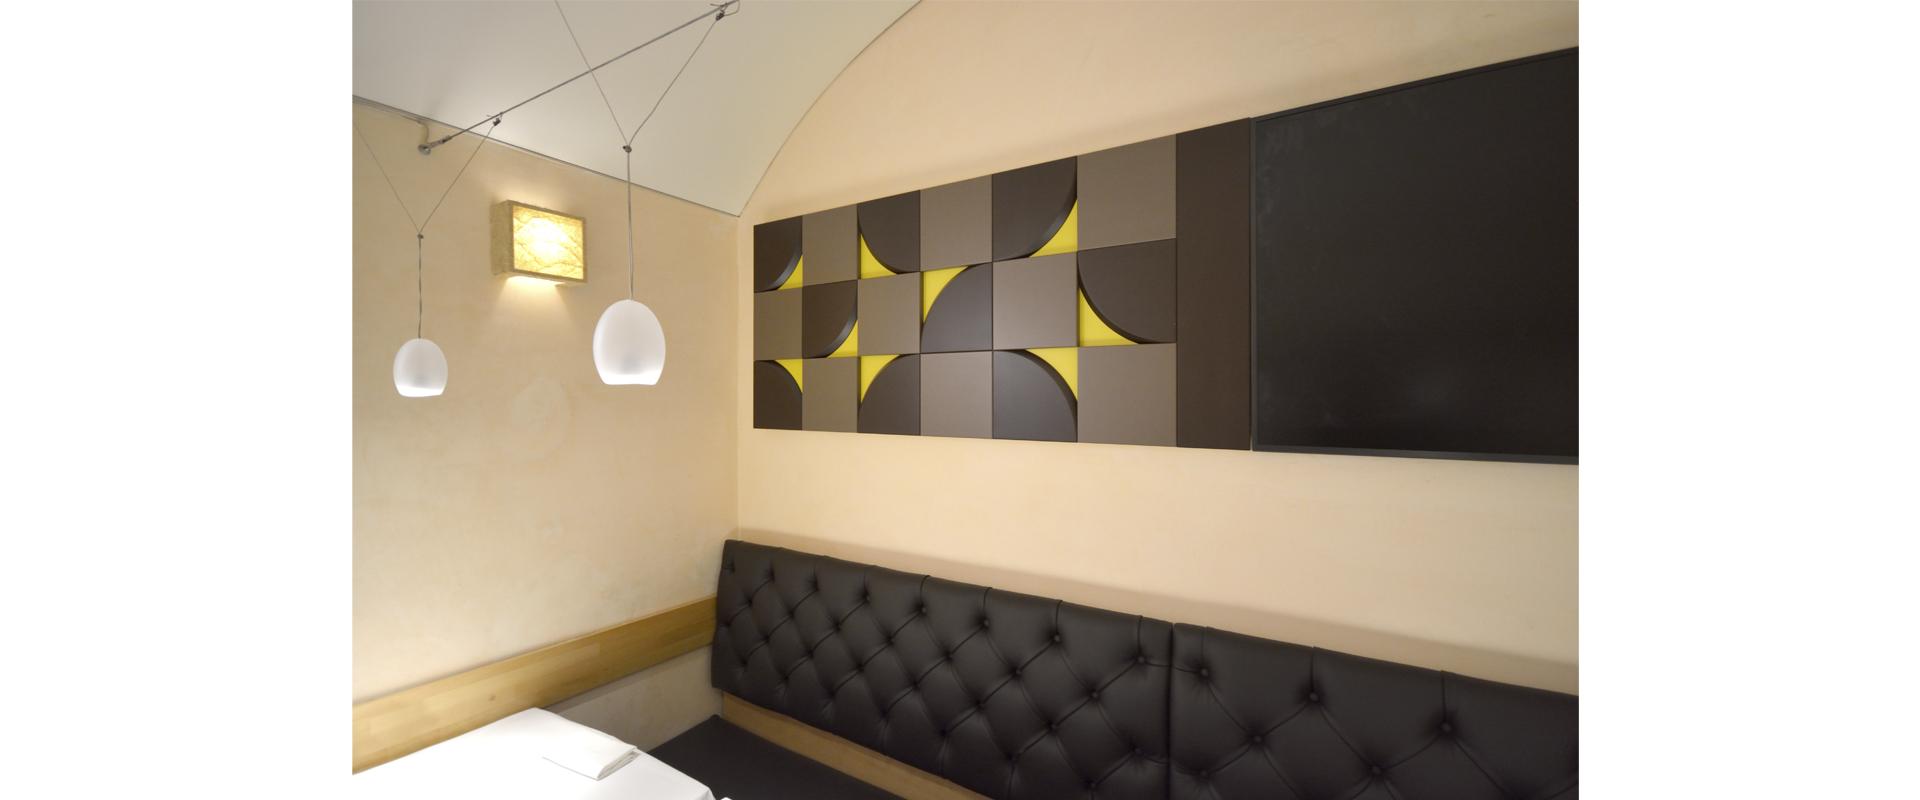 sushisen-restaurant-panel